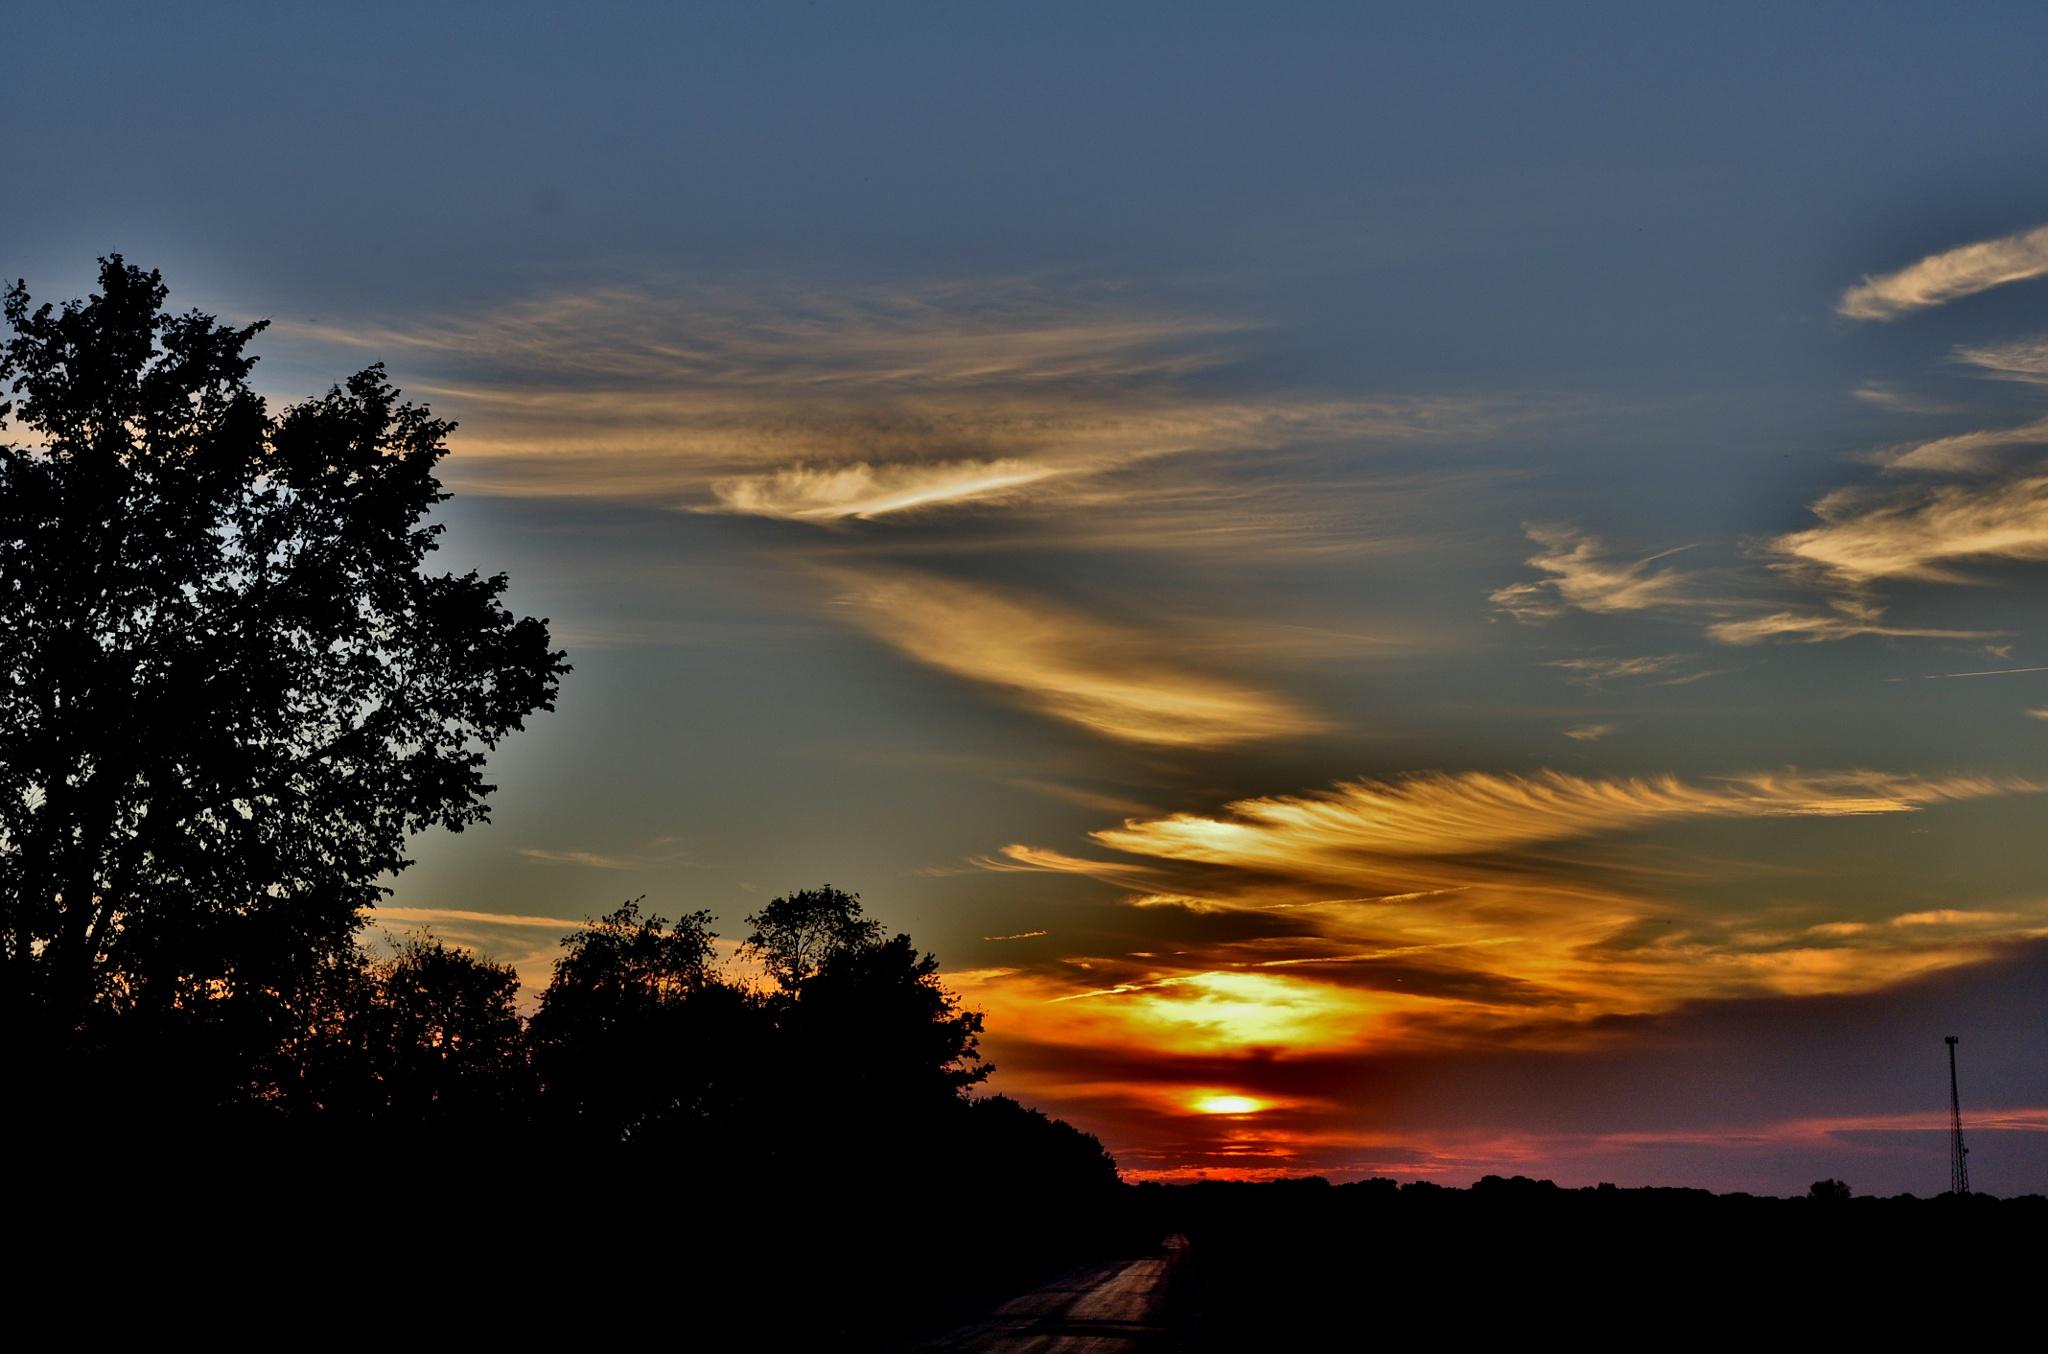 Sunset by debbylesko